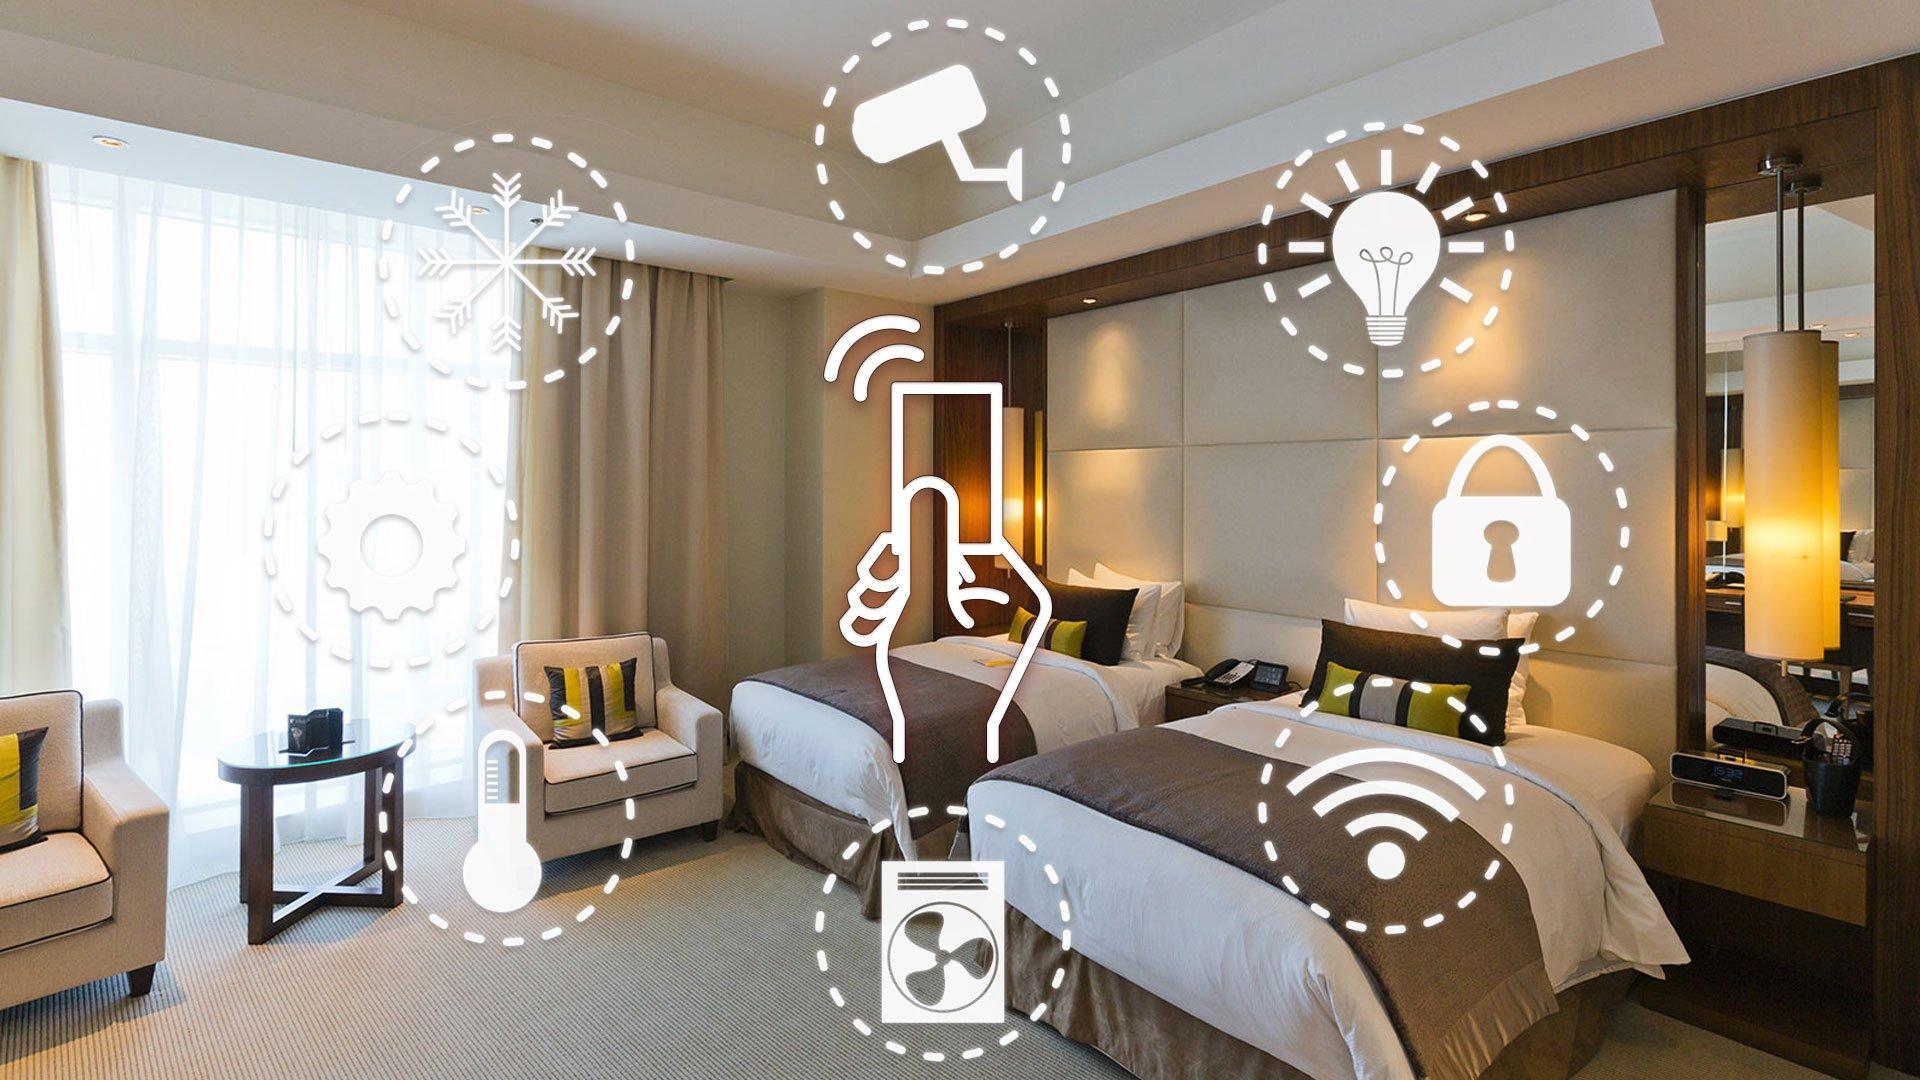 Domotica Per Hotel e B&B - Idee Intelligenti per la Tua Attività